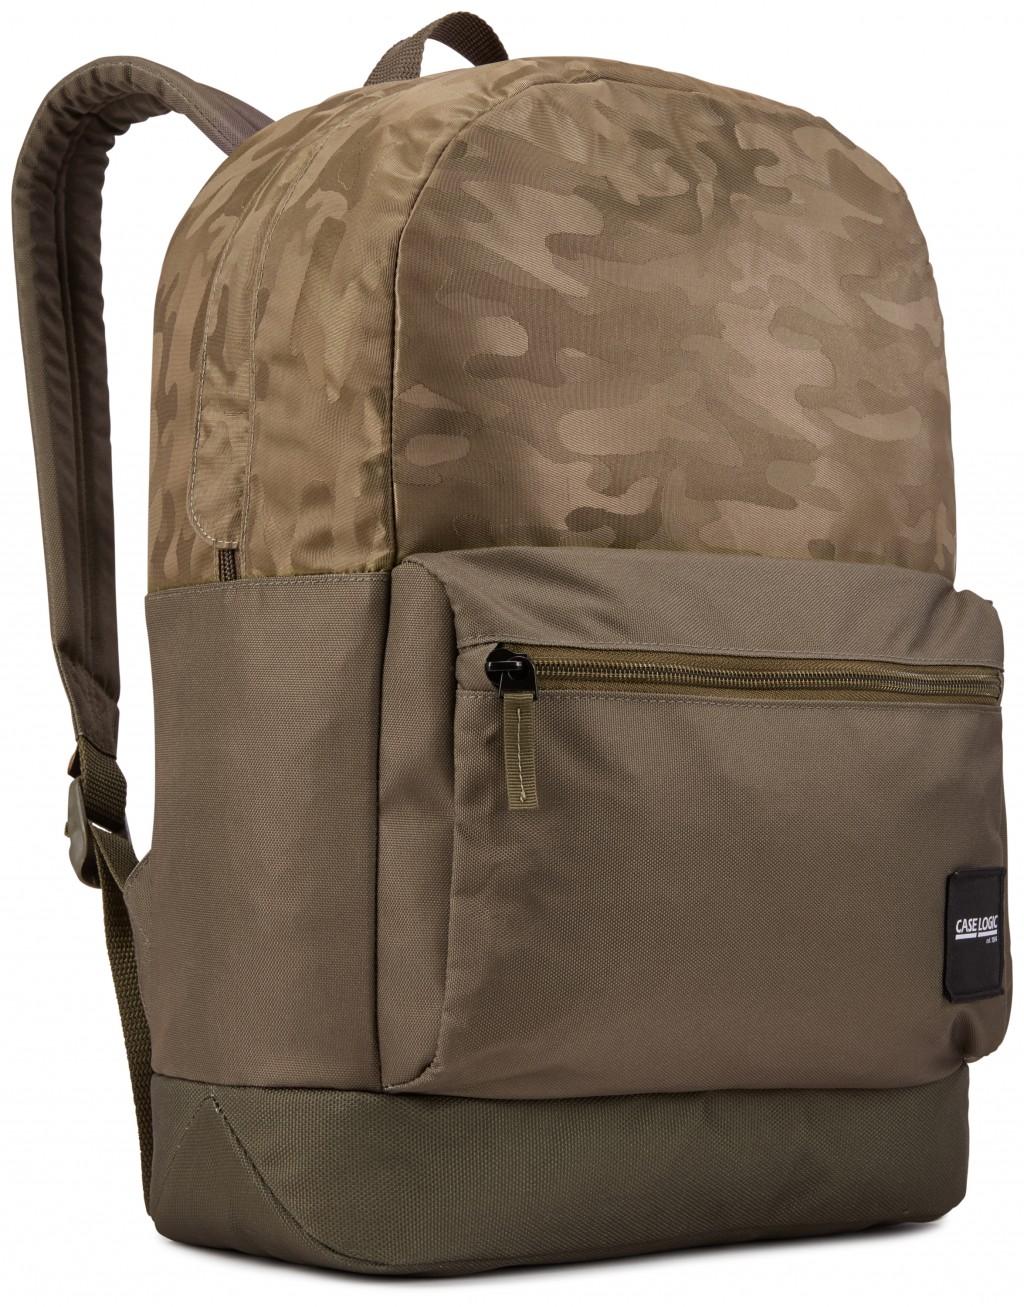 Case Logic Founder CCAM-2126 Green, 26 L, Shoulder strap, Backpack